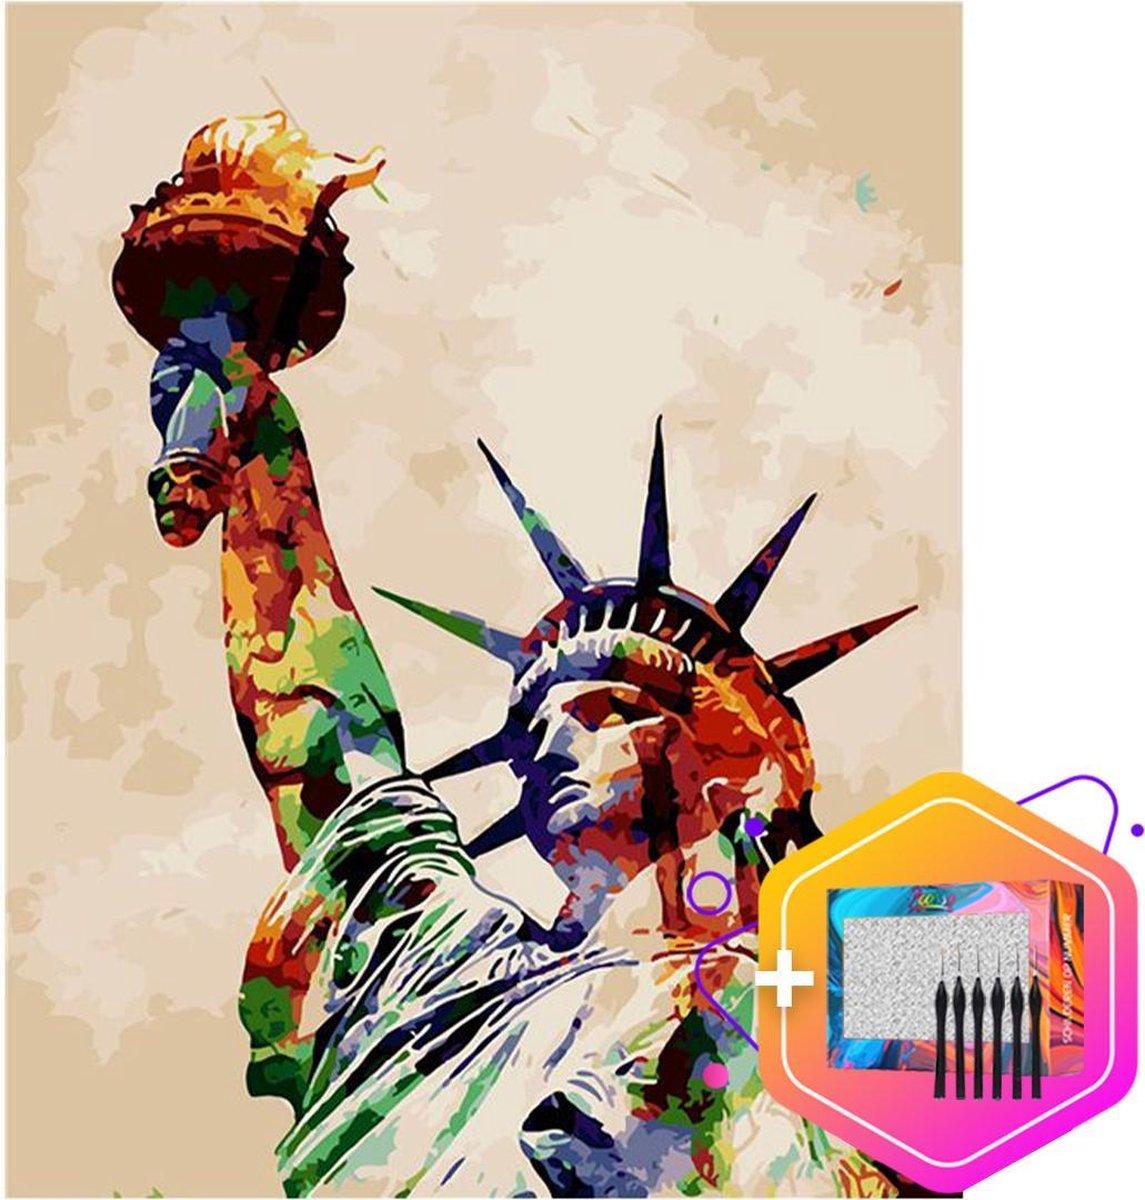 Pcasso ® Vrijheidsbeeld Artistiek - Schilderen Op Nummer - Incl. 6 Ergonomische Penselen & Geschenkverpakking - Schilderen Op Nummer Volwassenen - Statue of Liberty - Kleuren Op Nummer - 40x50 cm - Professionele 26-Delige Set